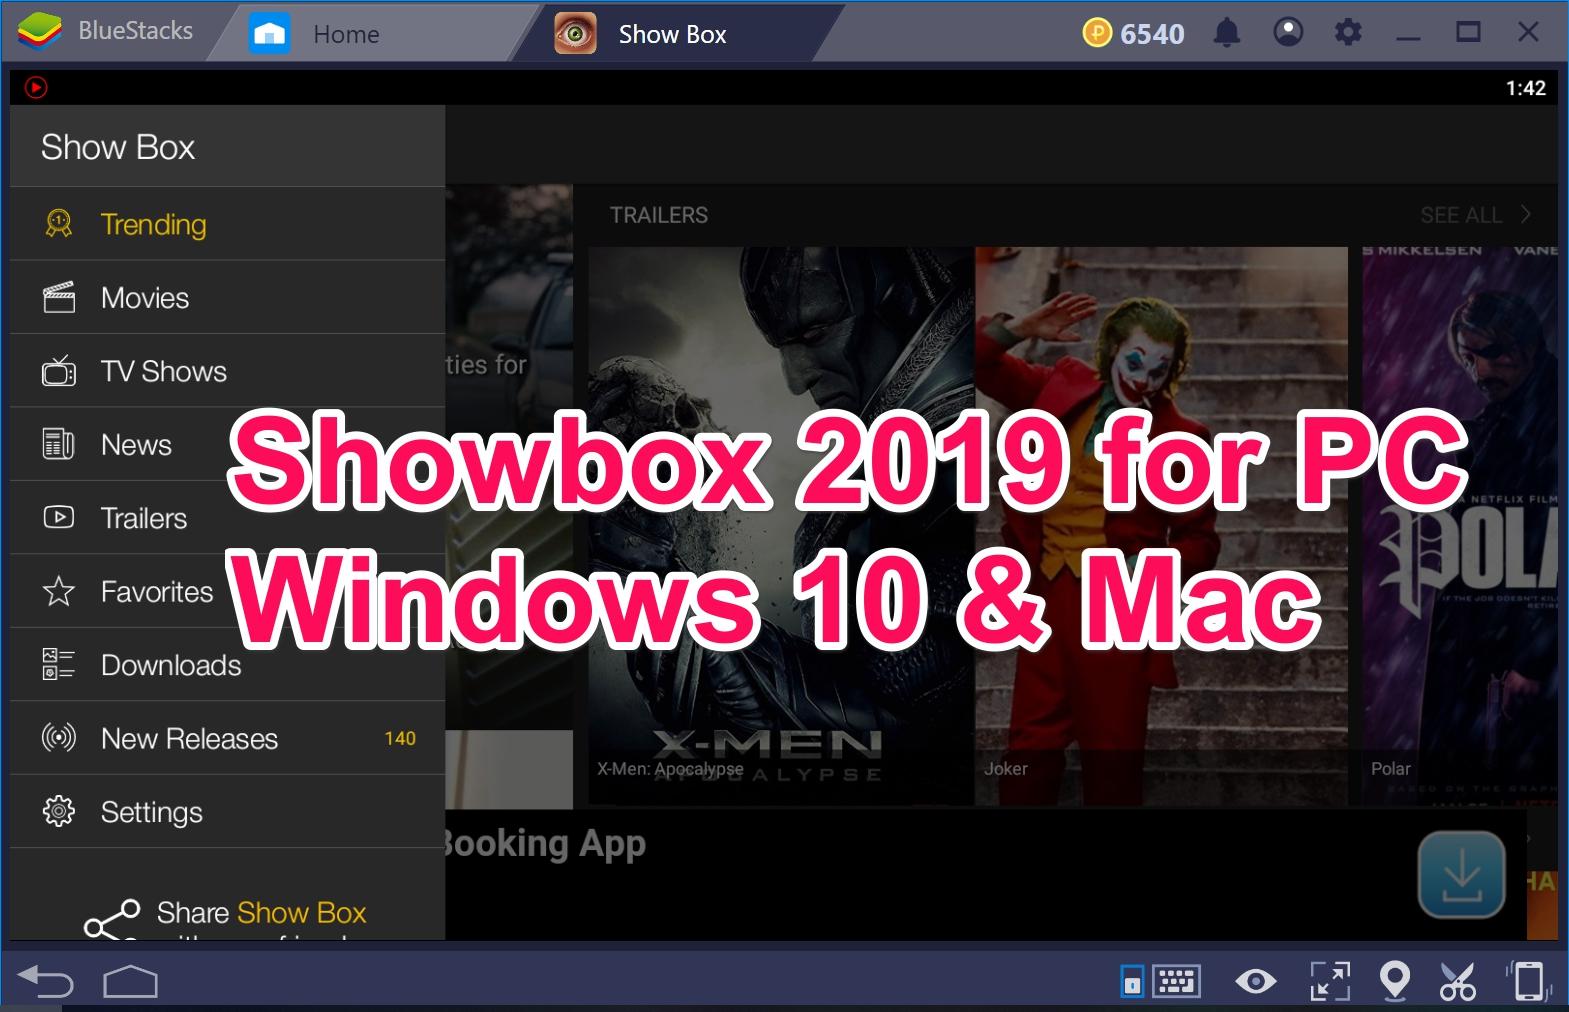 Showbox-2019-for-PC-Windows